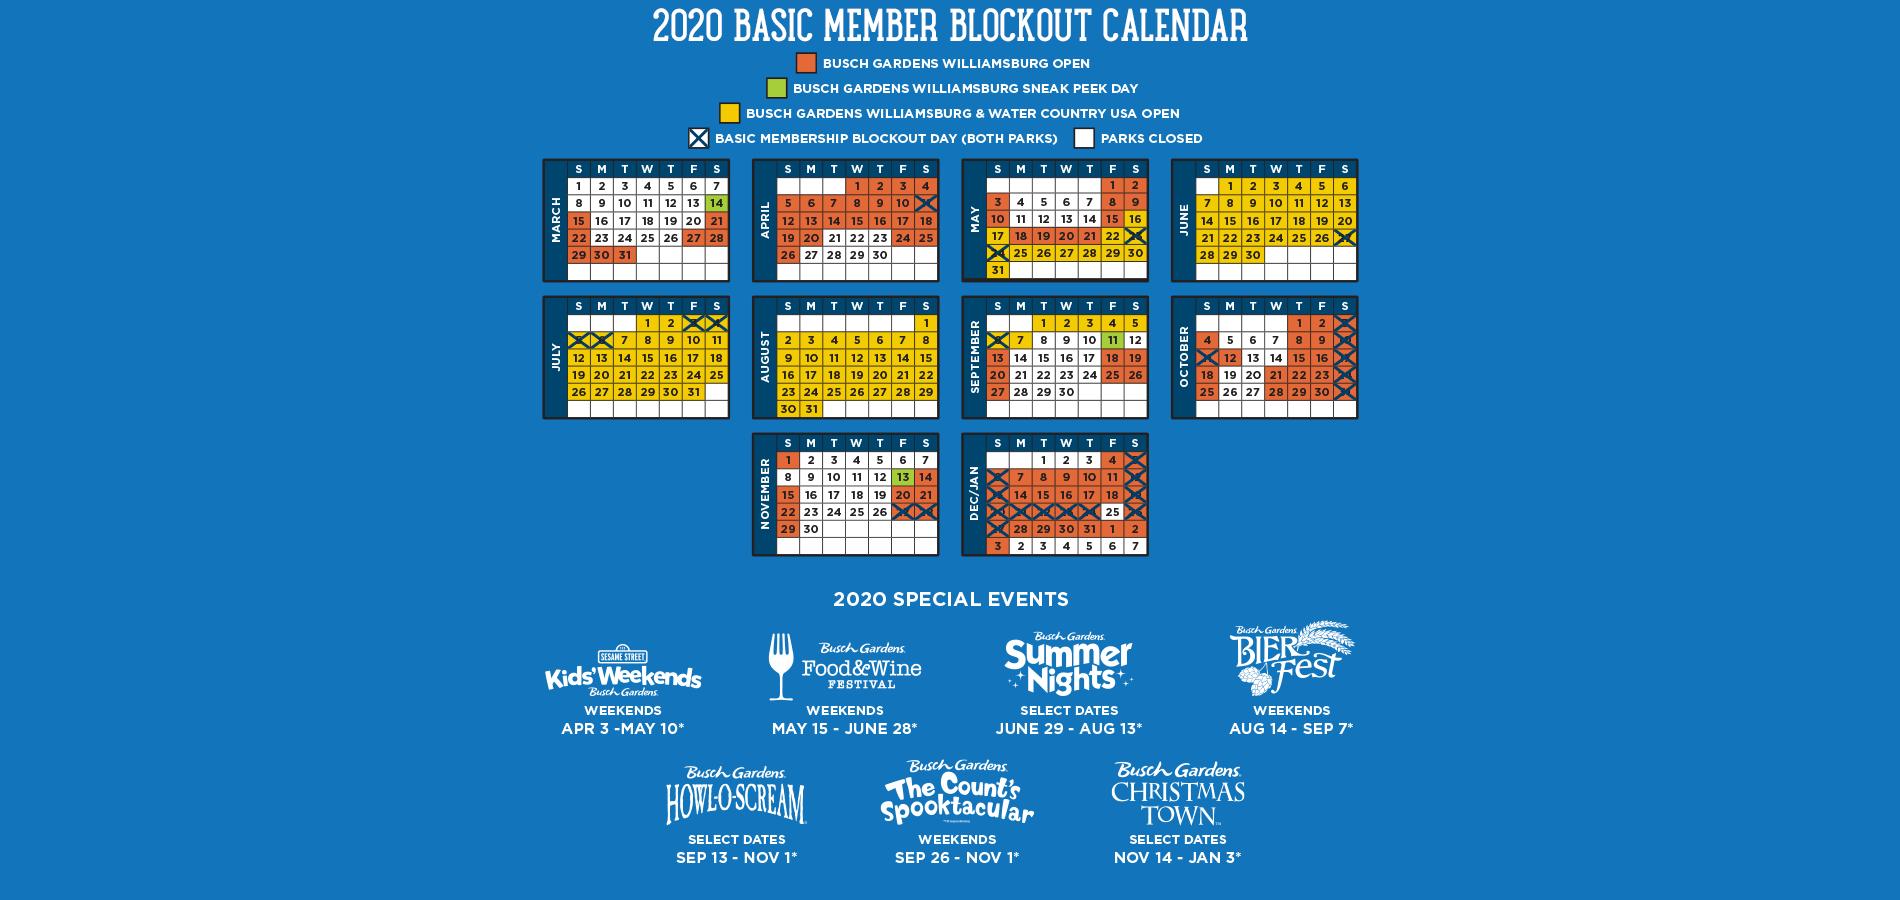 Basic Membership's 2019 Blockout Dates